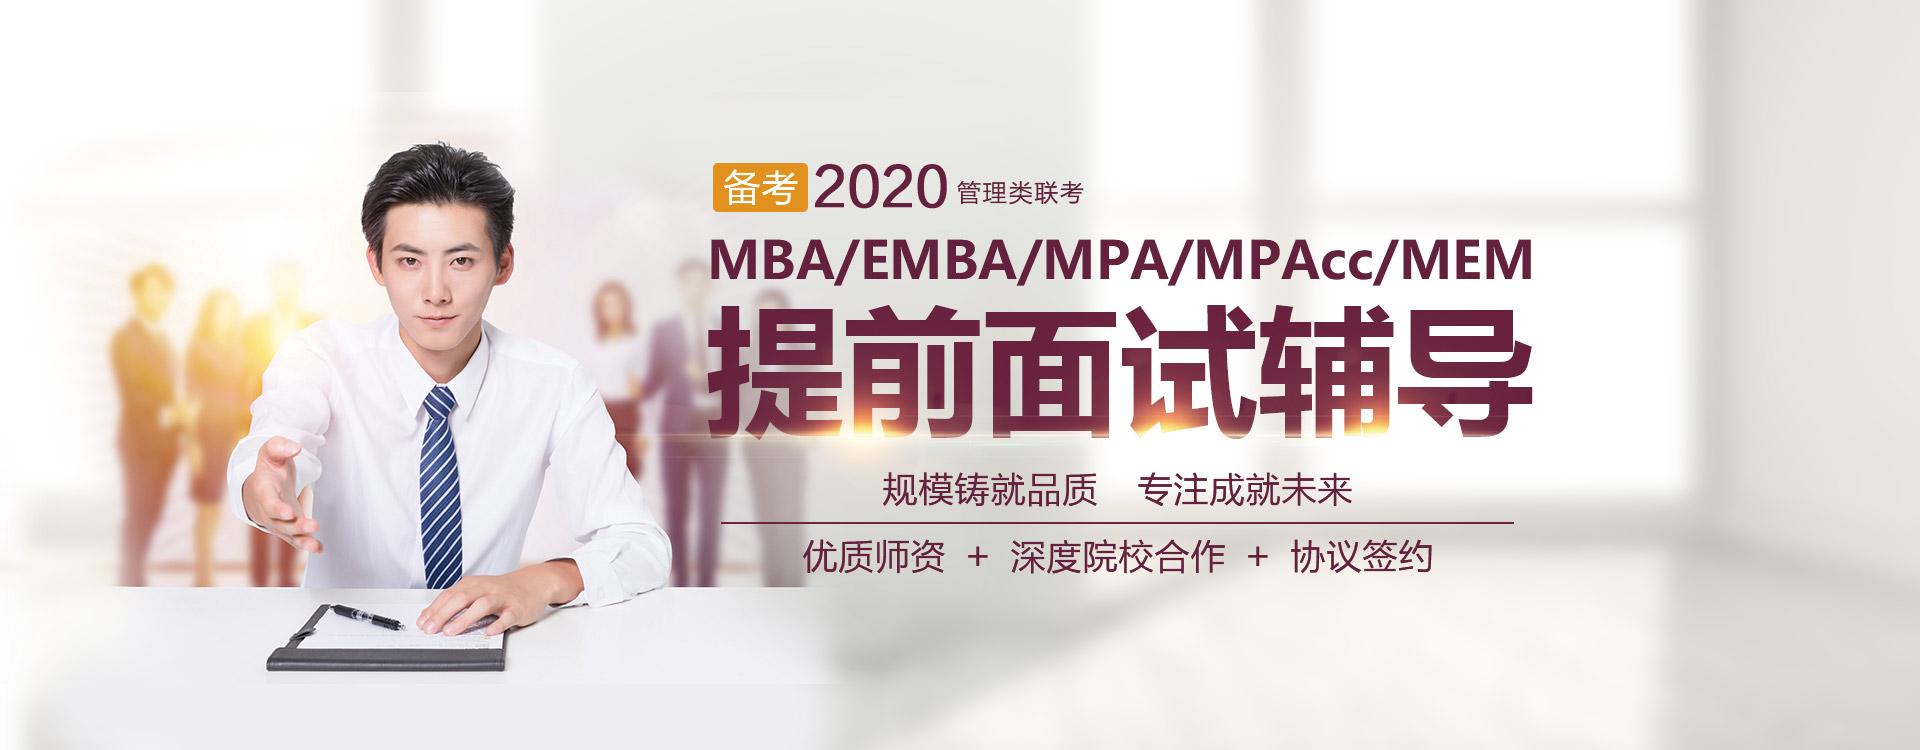 南京泰祺备考2018年MBA/MPA/MEM/MPAcc复试班 招生简章